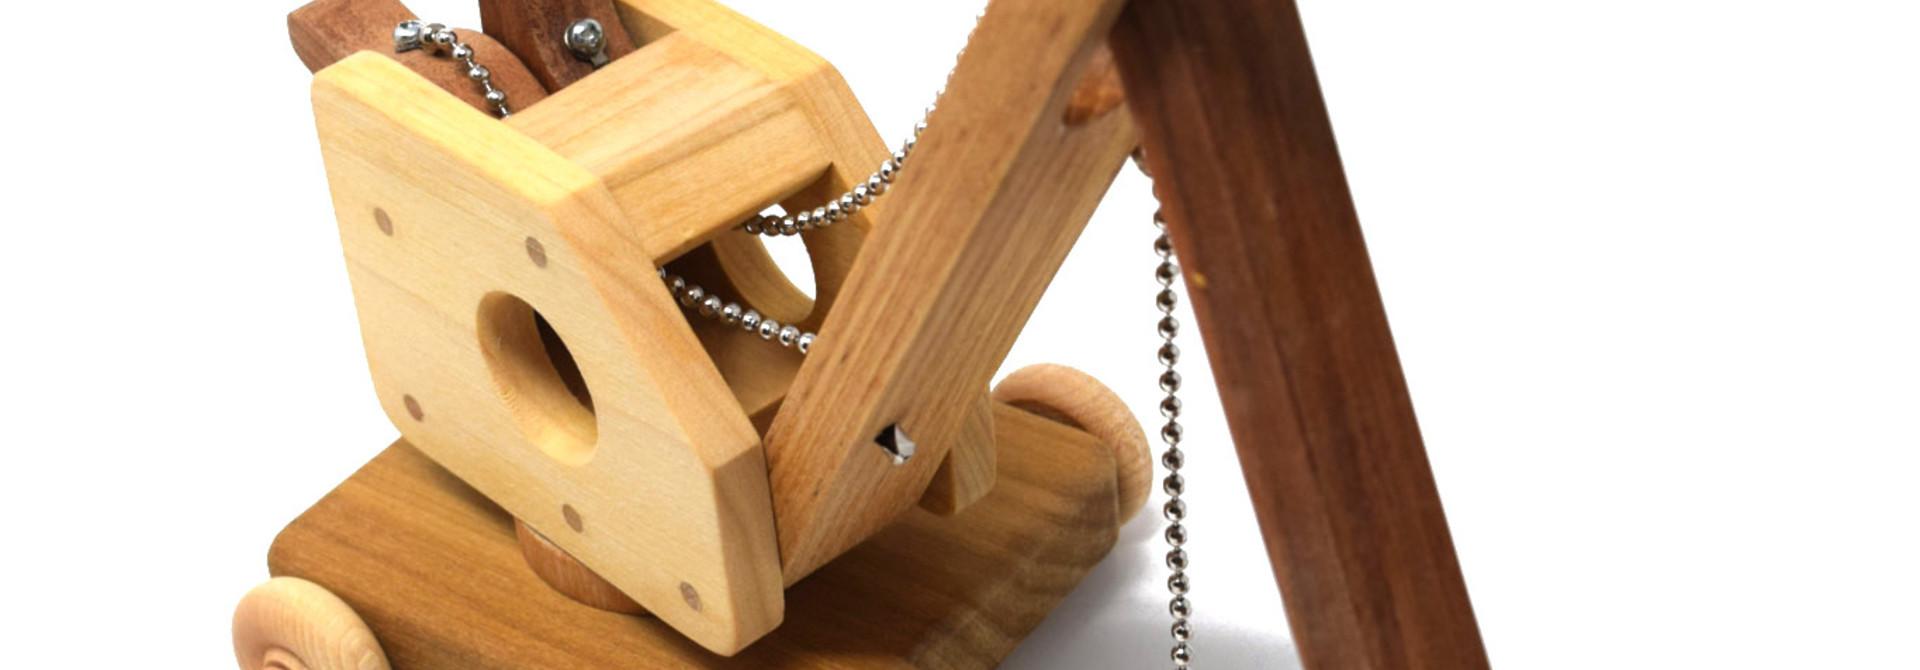 Wooden Steam Shovel Toy